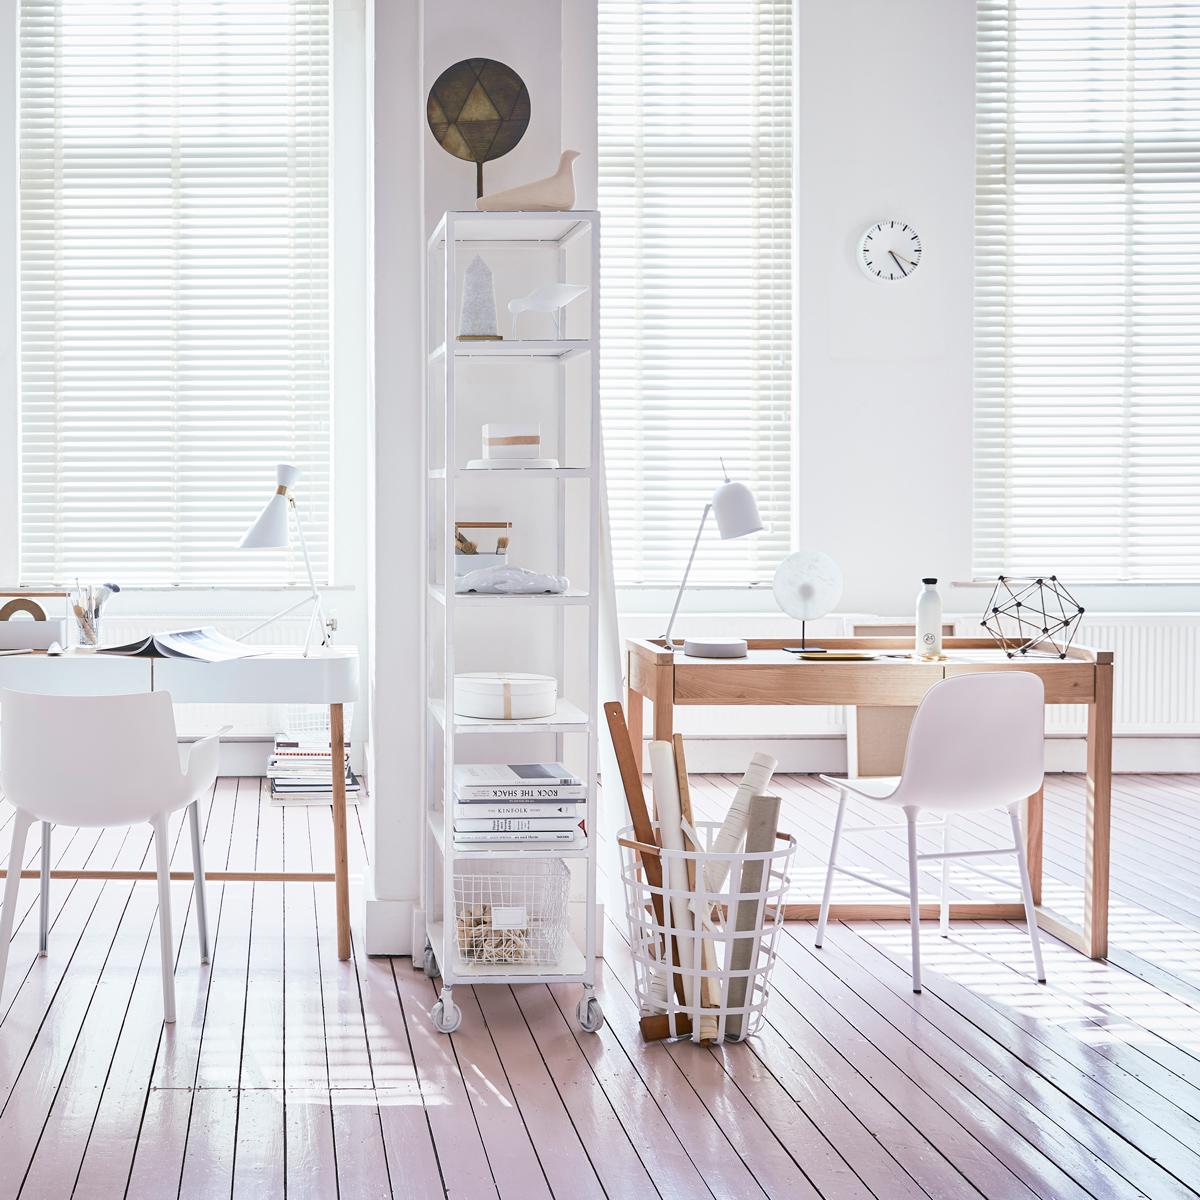 Thuiswerkplek Inrichten Tips Voor Een Stijlvol Ingerichte Werkplek Vtwonen